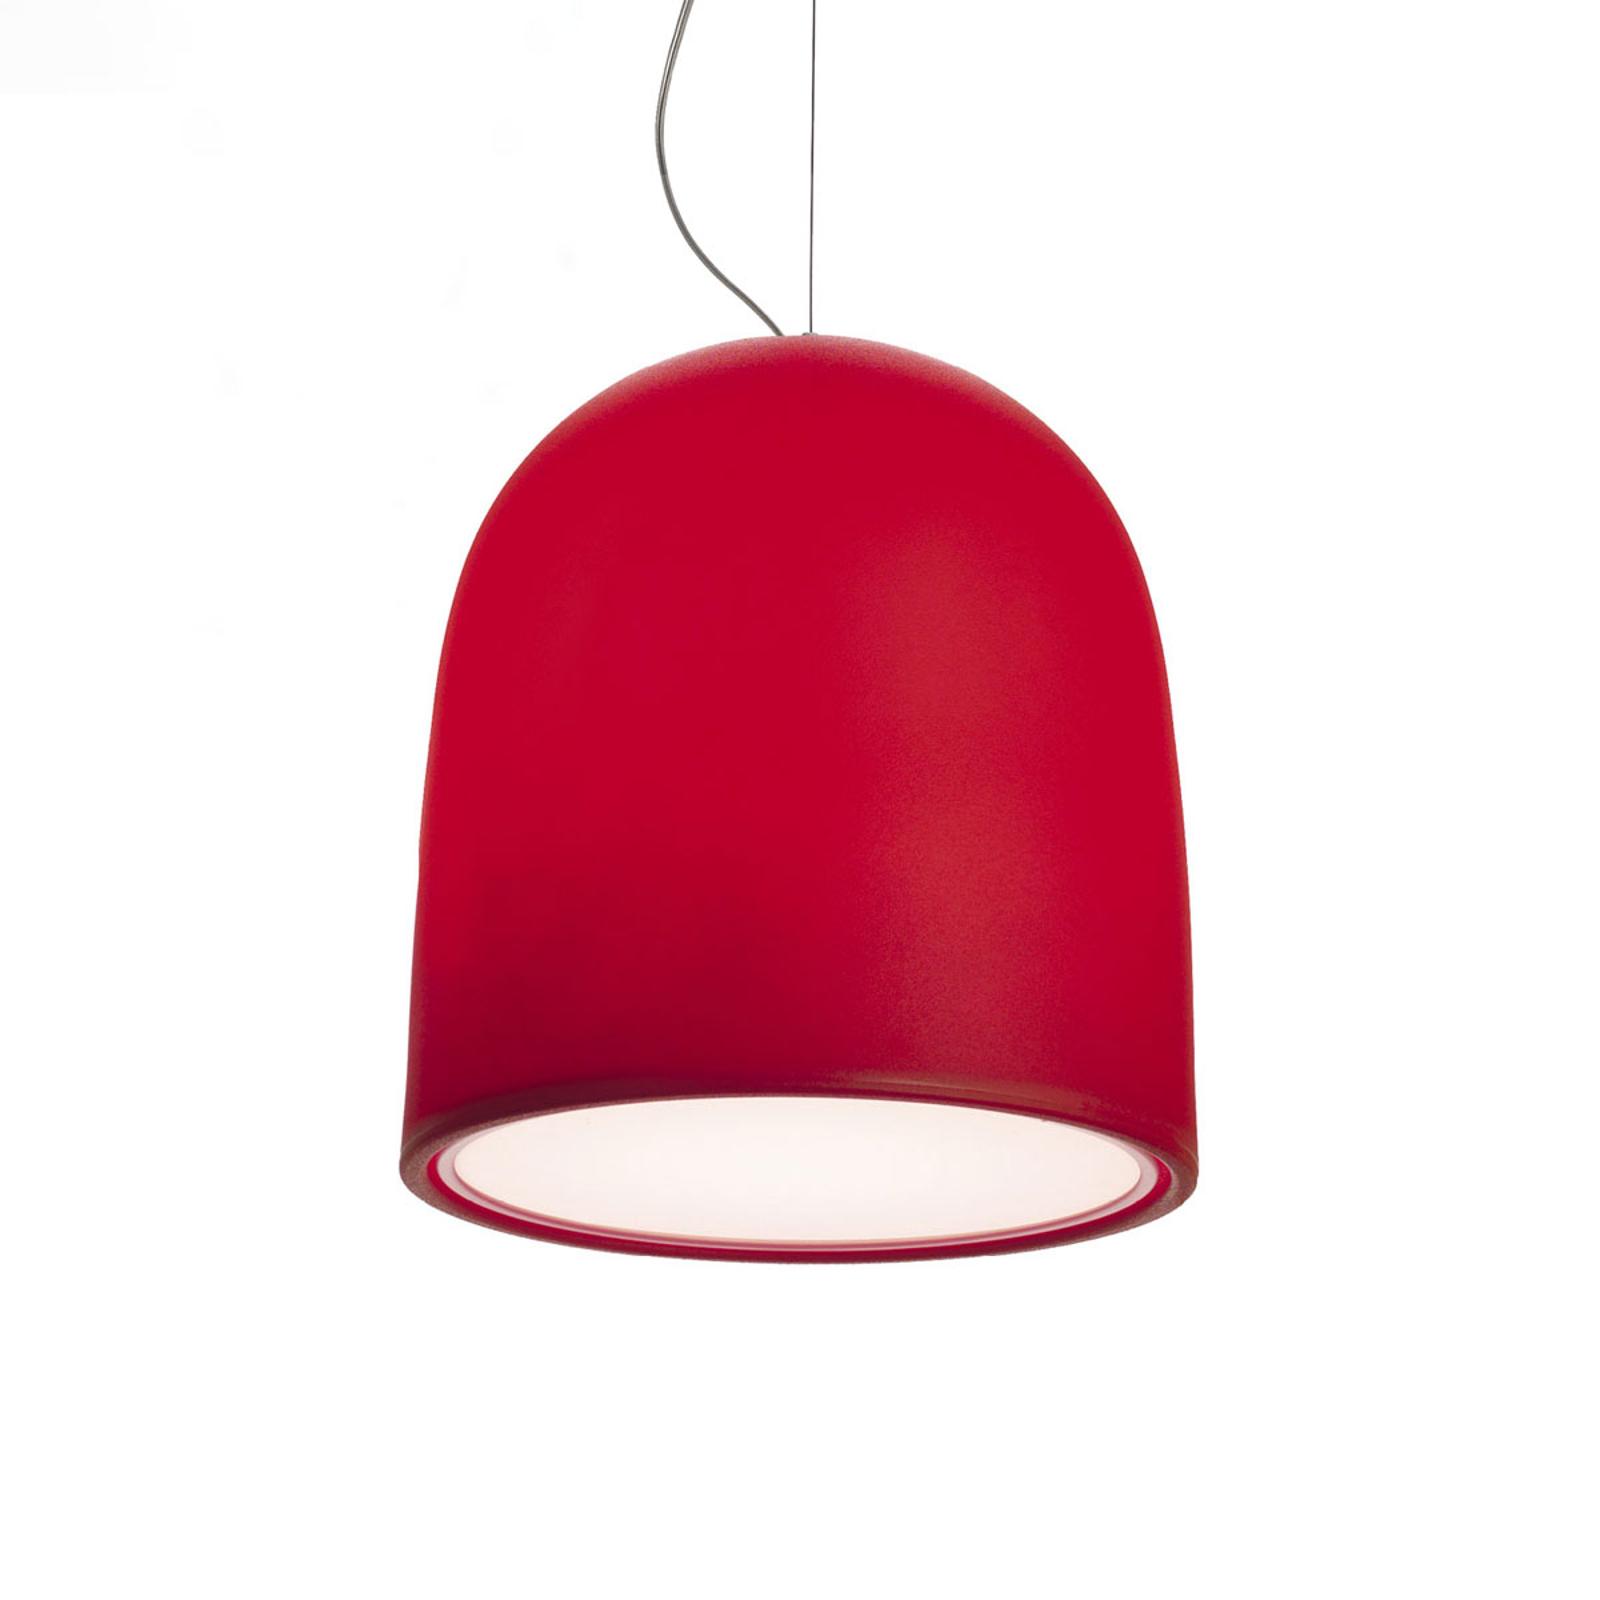 Modo Luce Campanone riippuvalo, Ø 33 cm, punainen